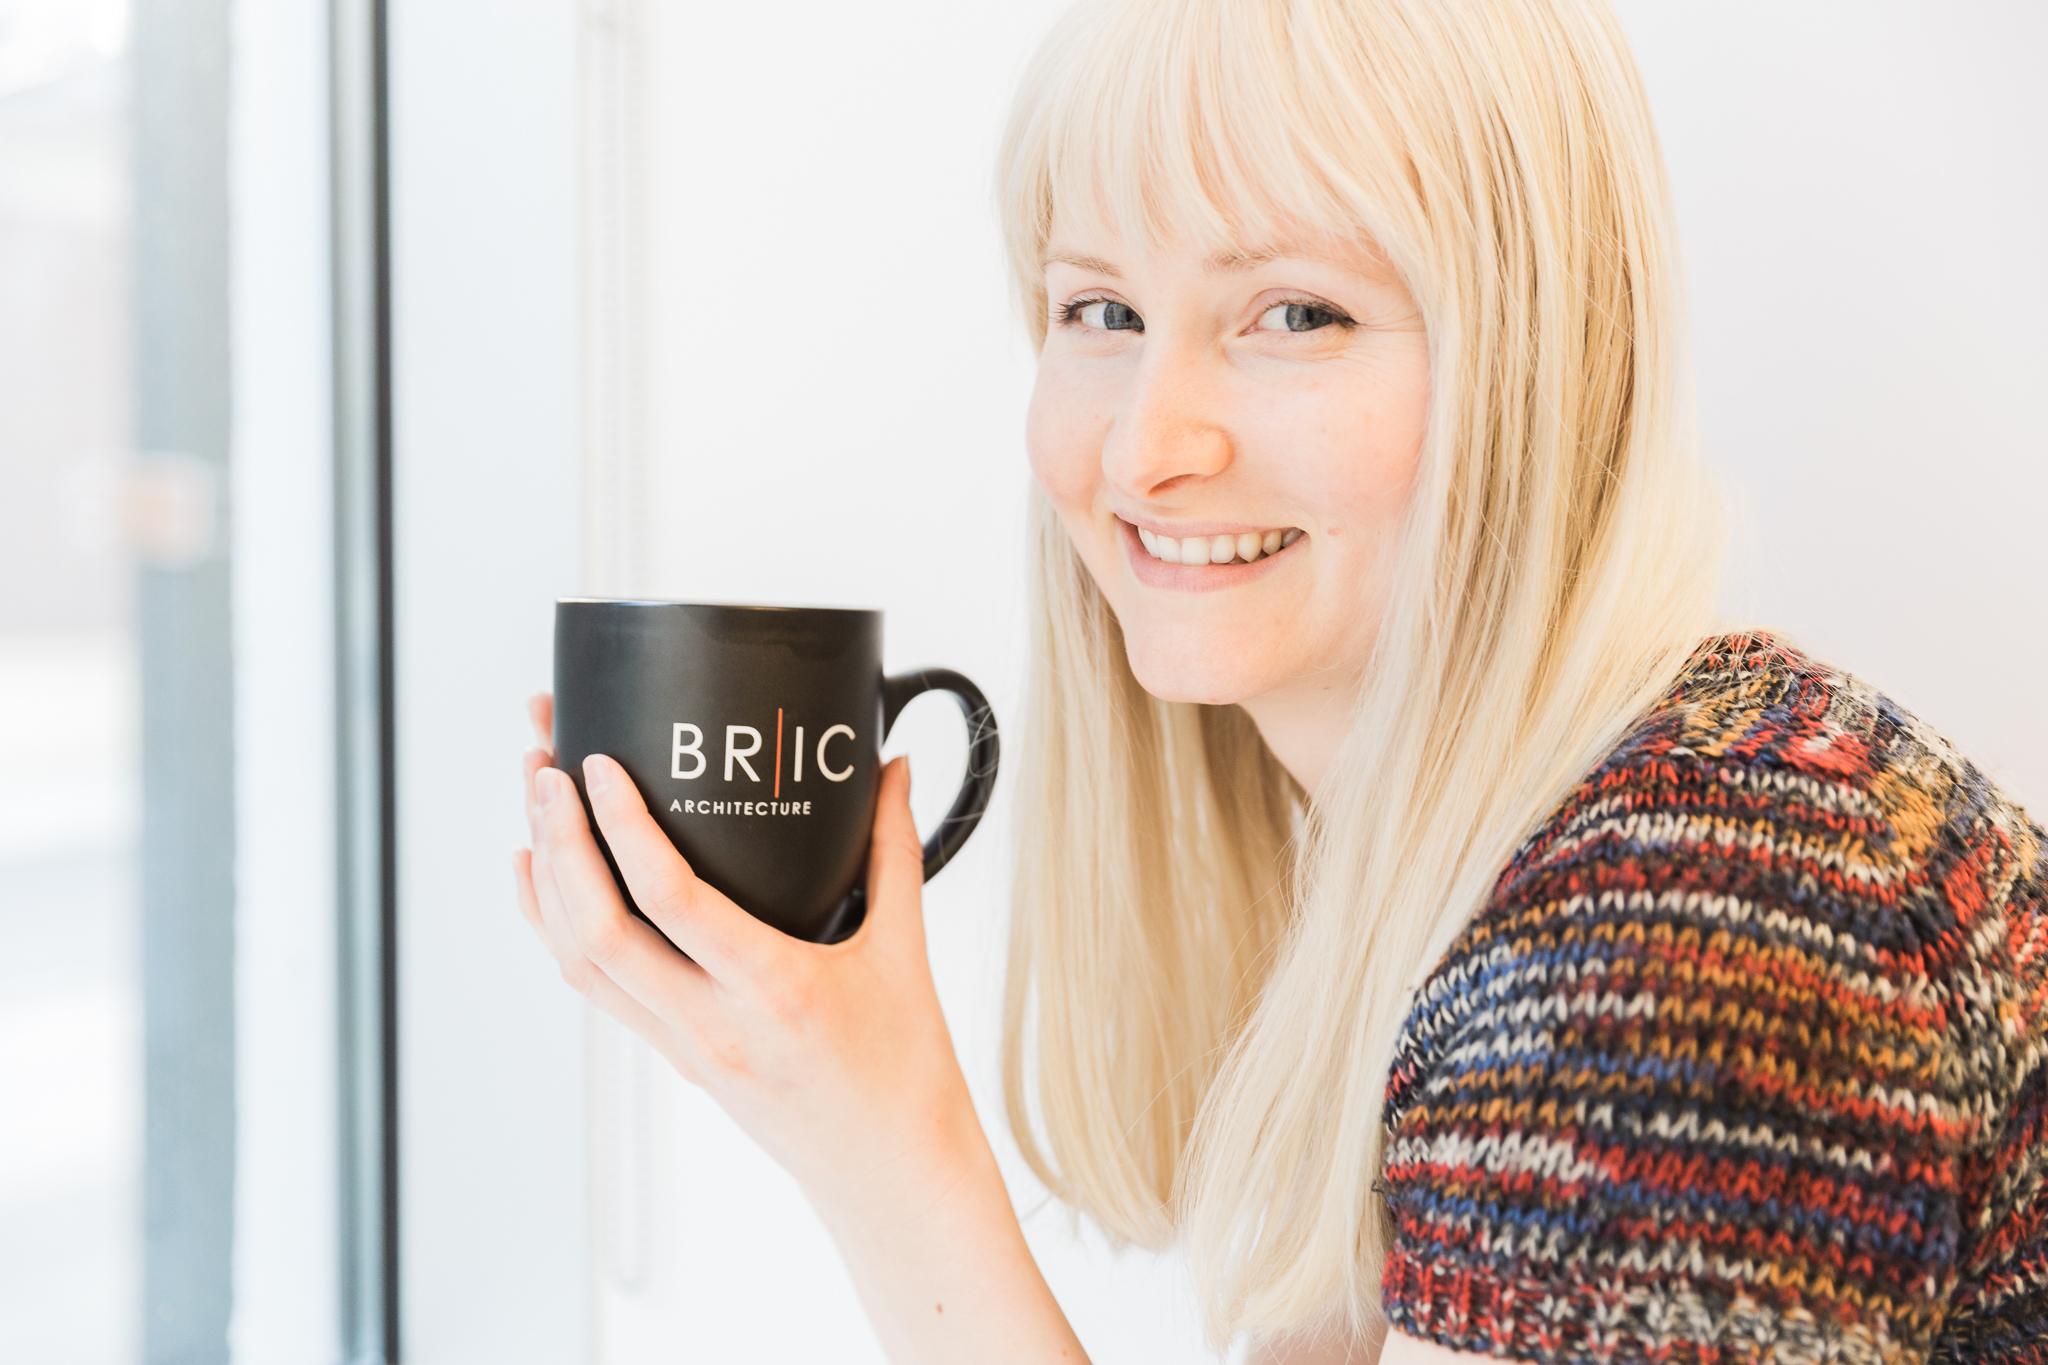 BRIC_office candids 064.jpg